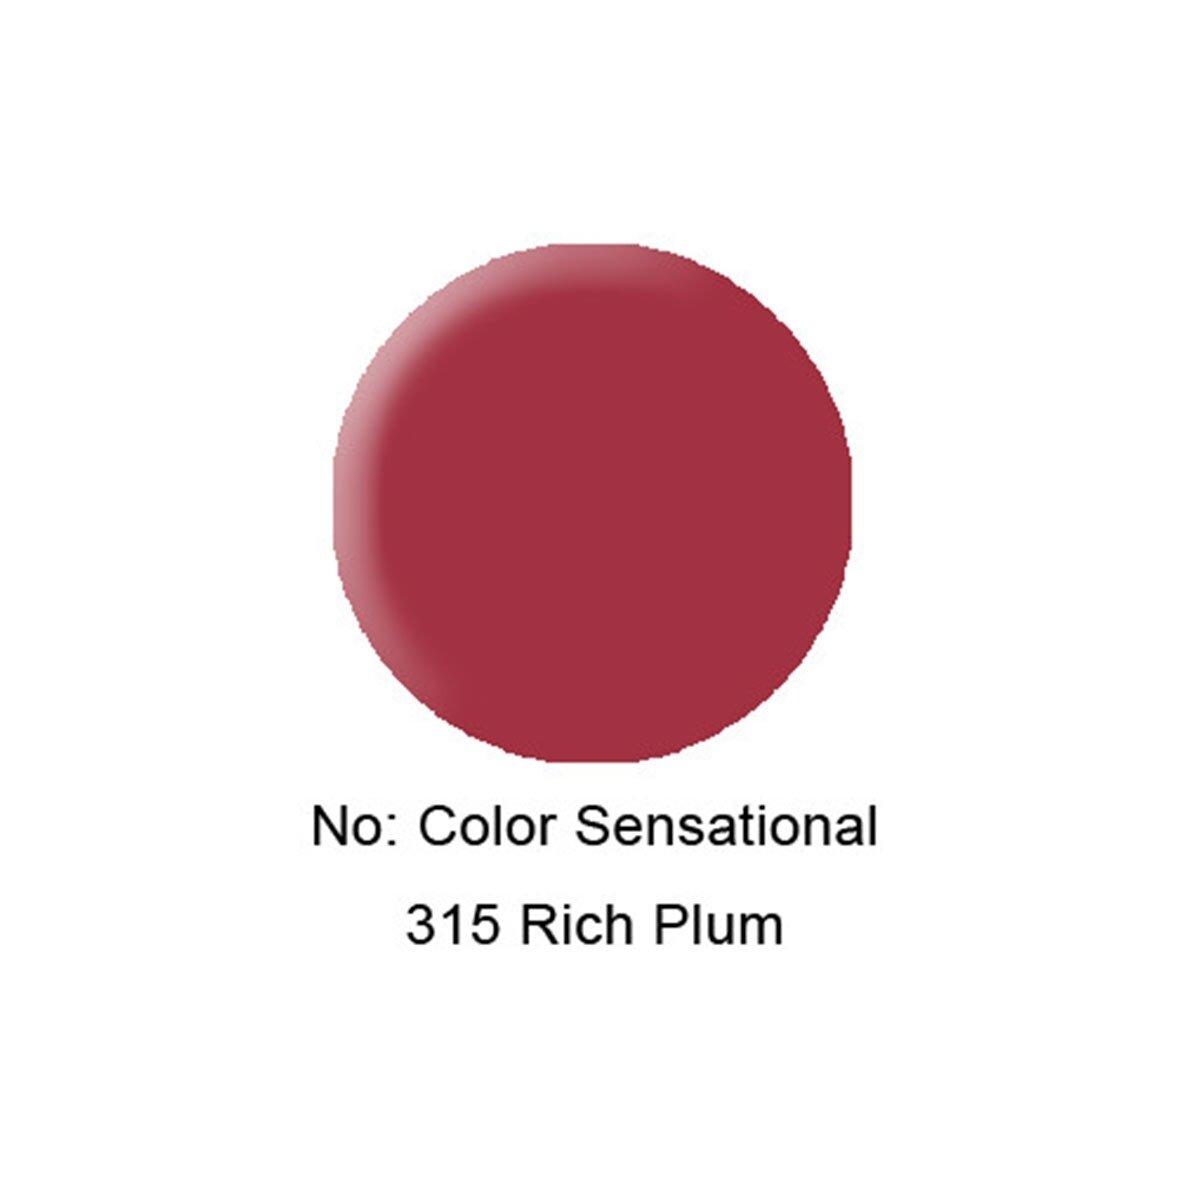 Color Sensational Ruj 315 Rich Plum